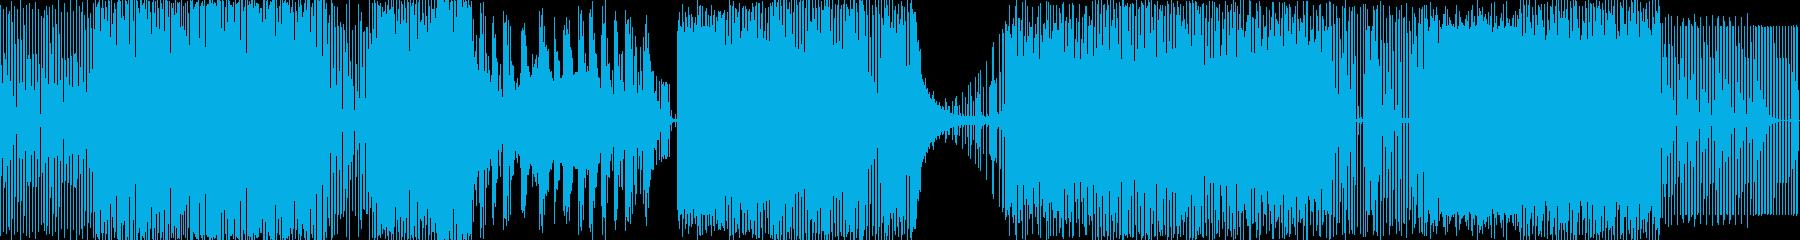 リズミカルで直線的な伝統的なメロデ...の再生済みの波形